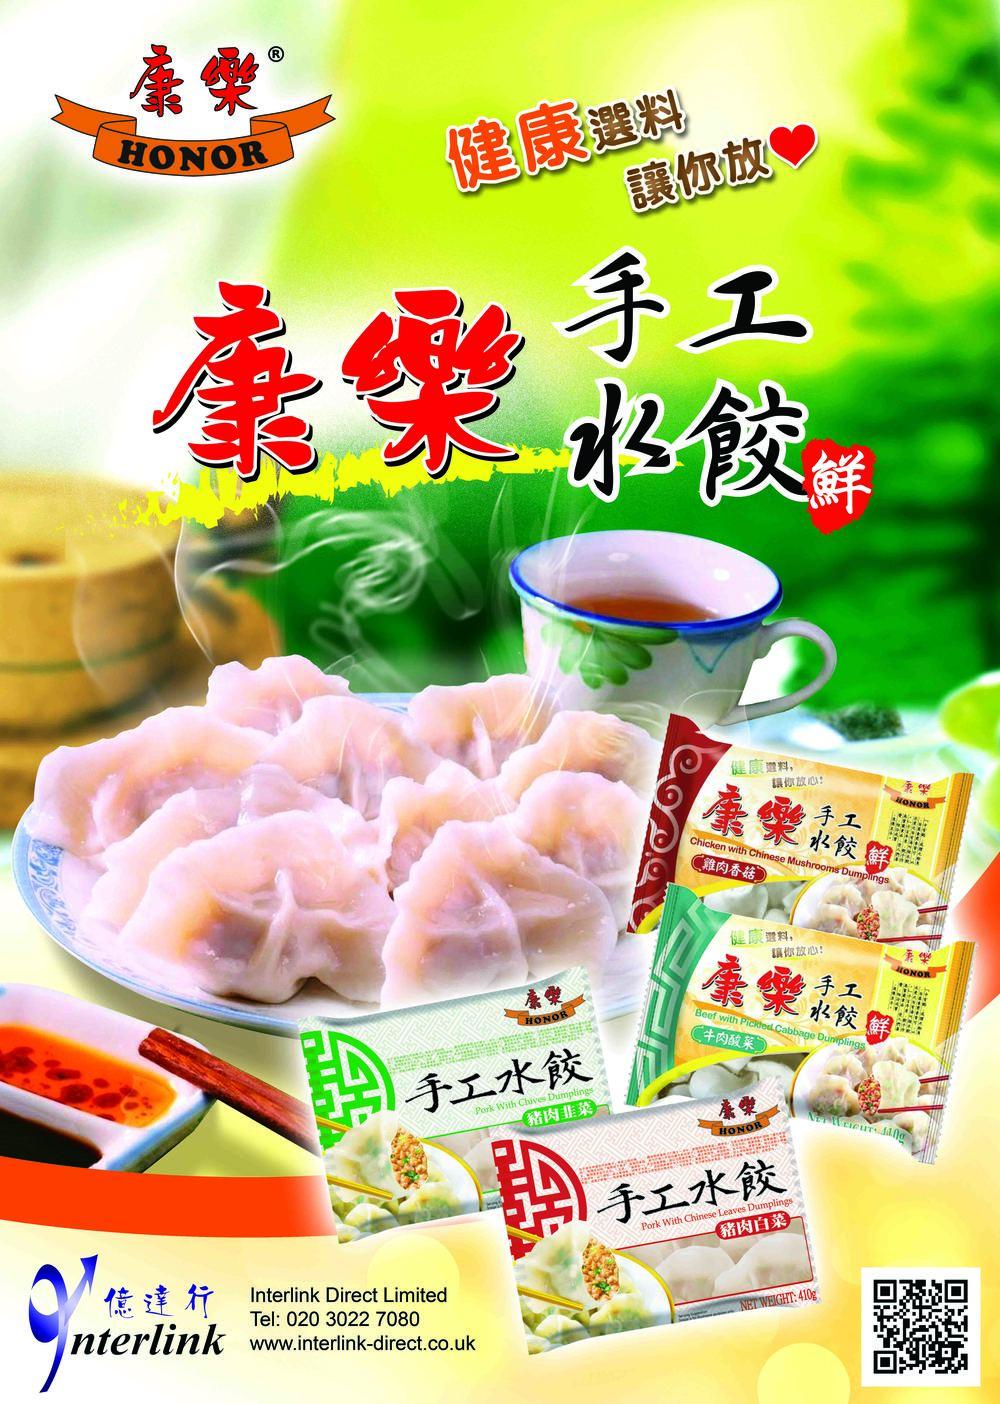 Honor Dumpling Poster (2).jpg